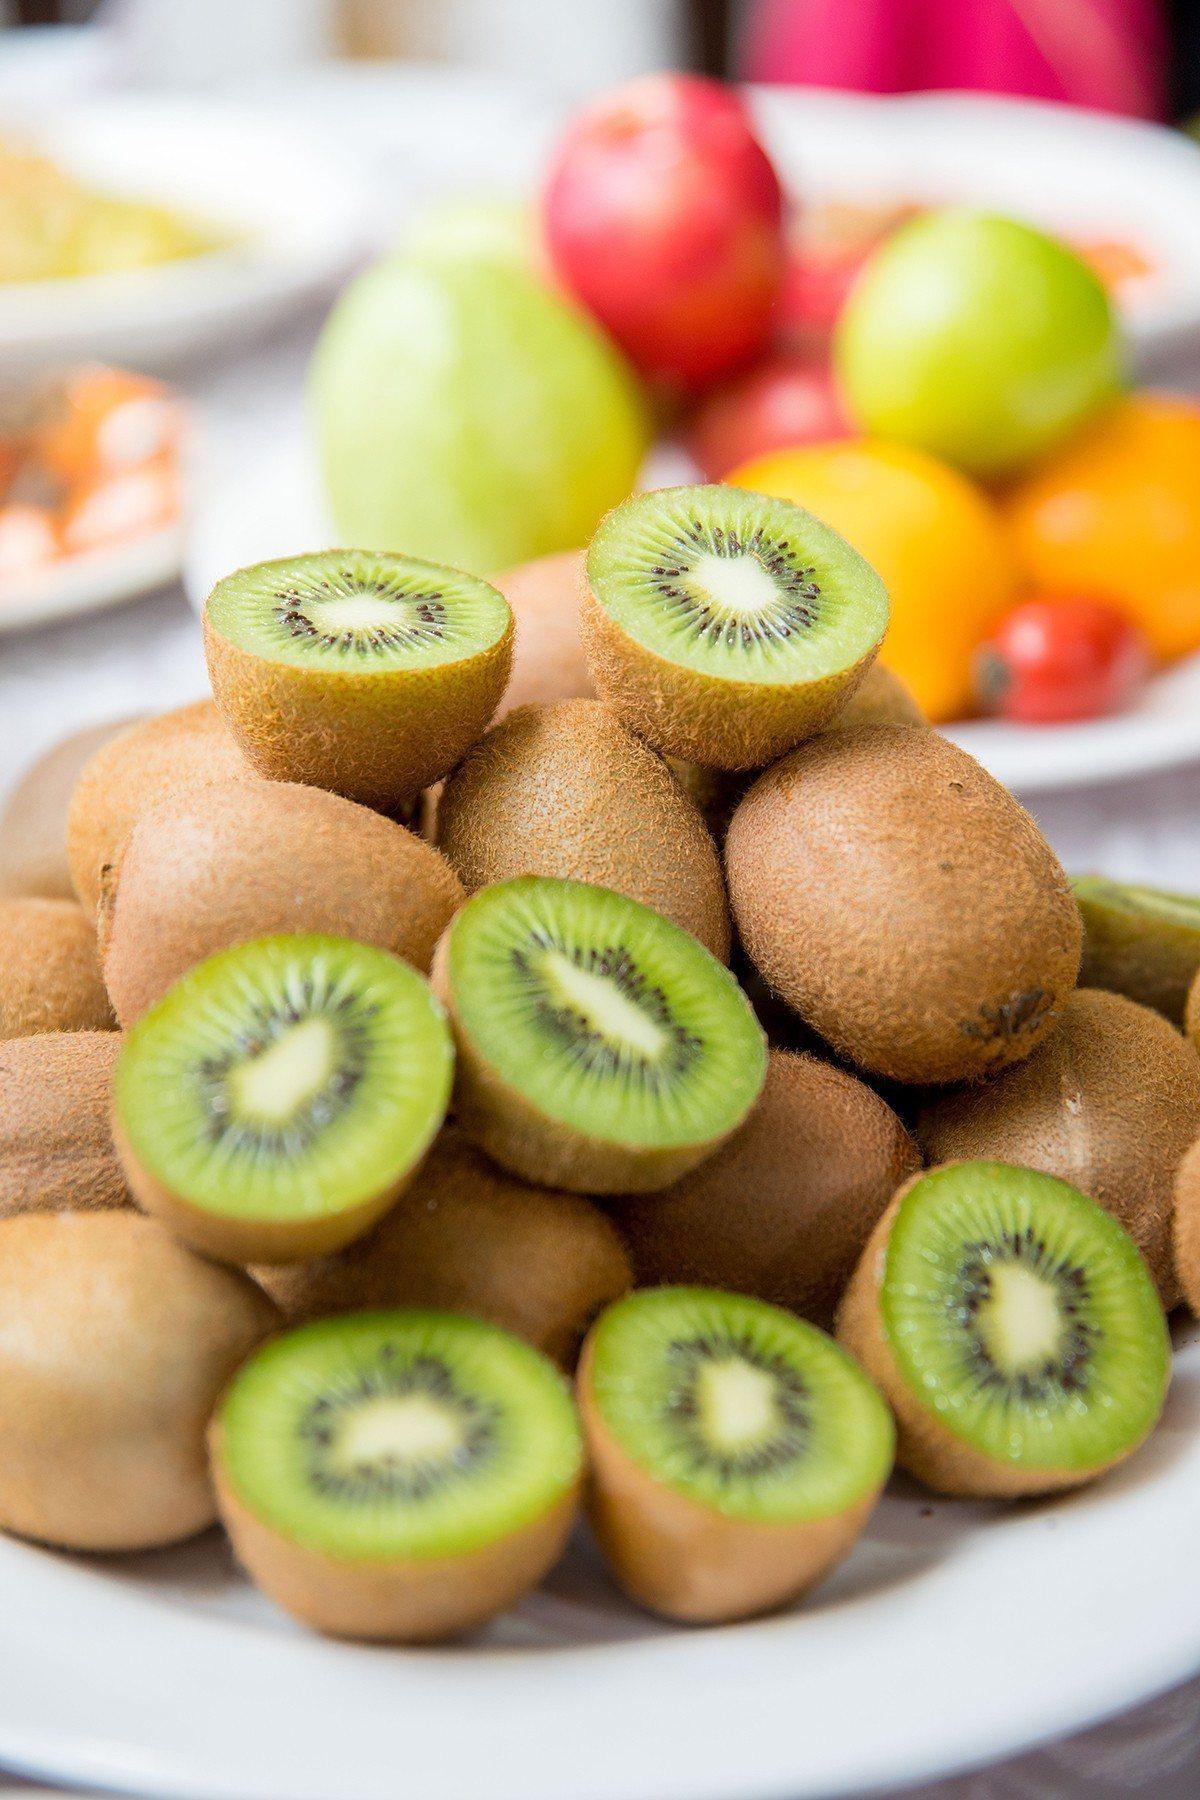 想要健康迎新年,醫師建議可適量食用奇異果。 圖/王仁昌 提供